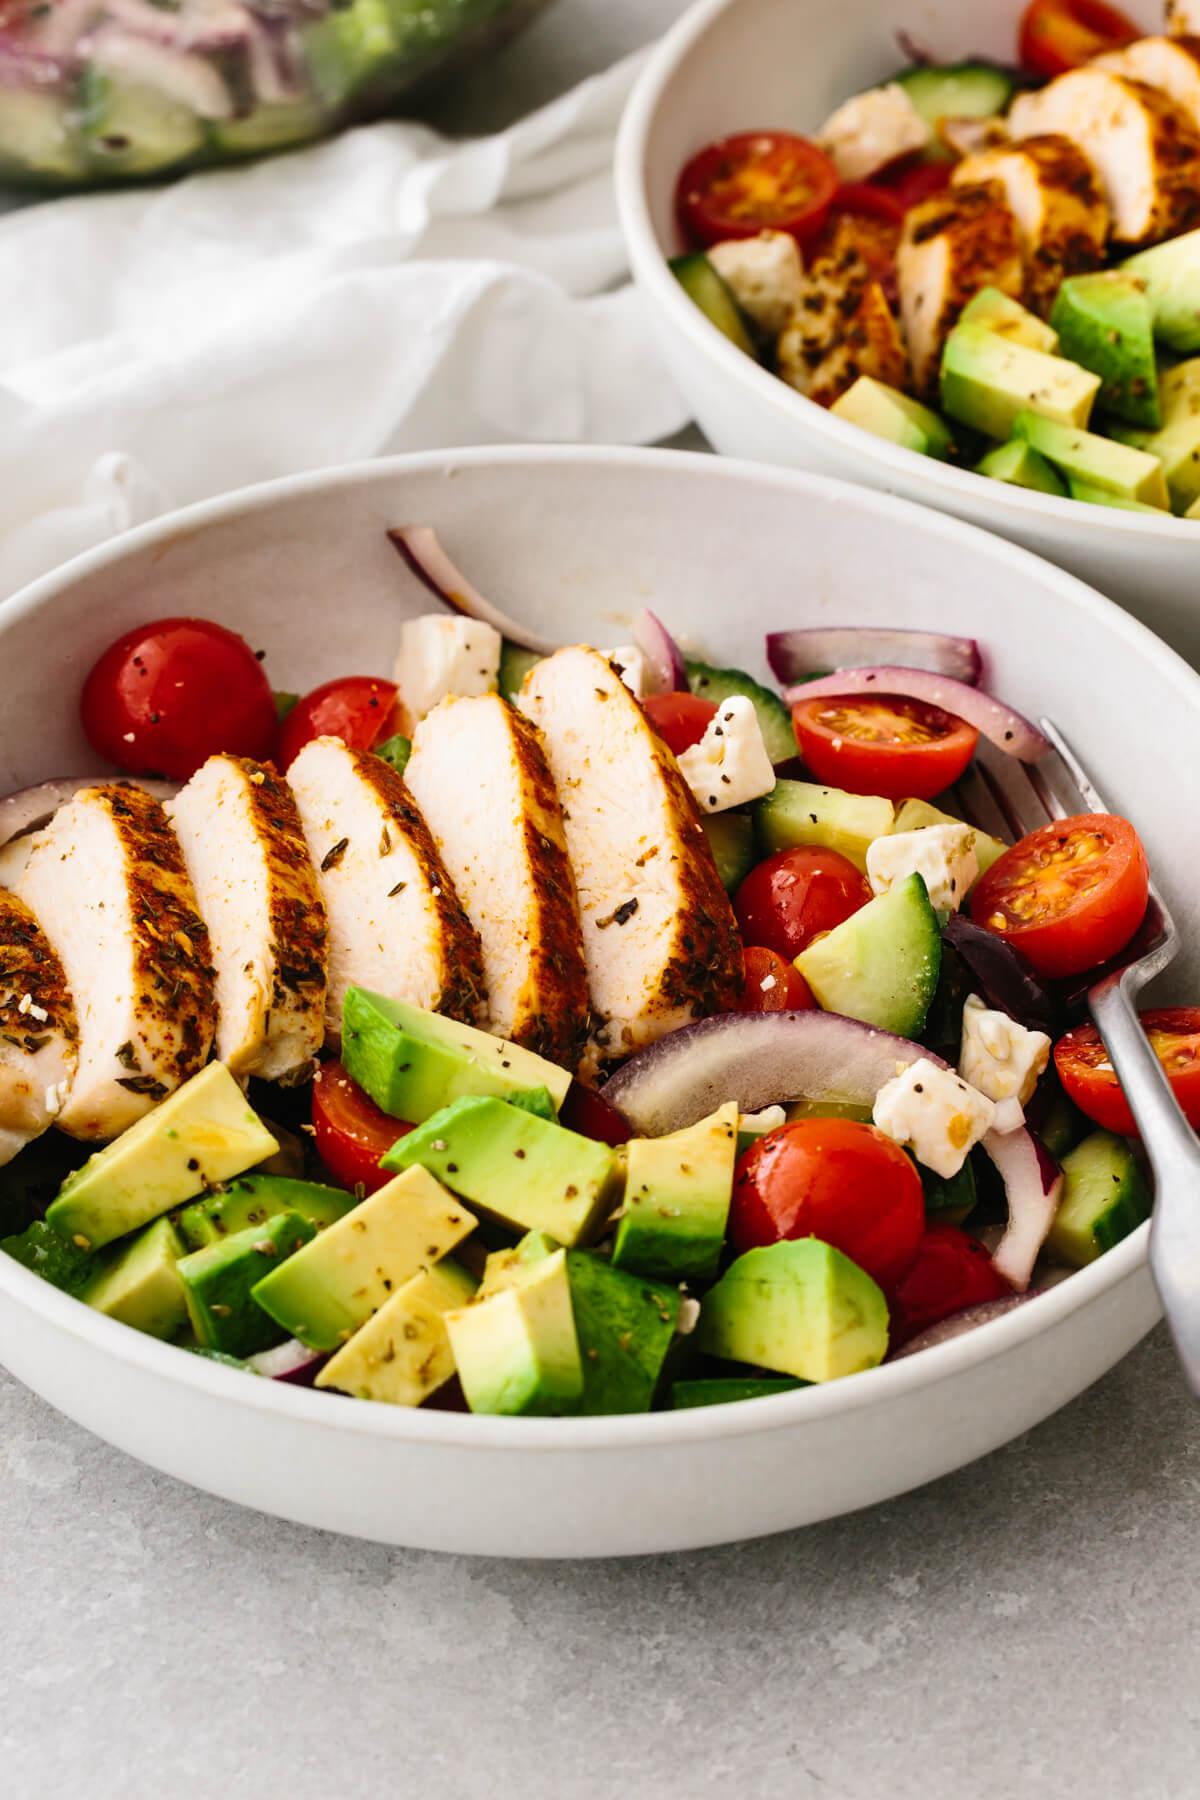 Greek chicken salad in a bowl.